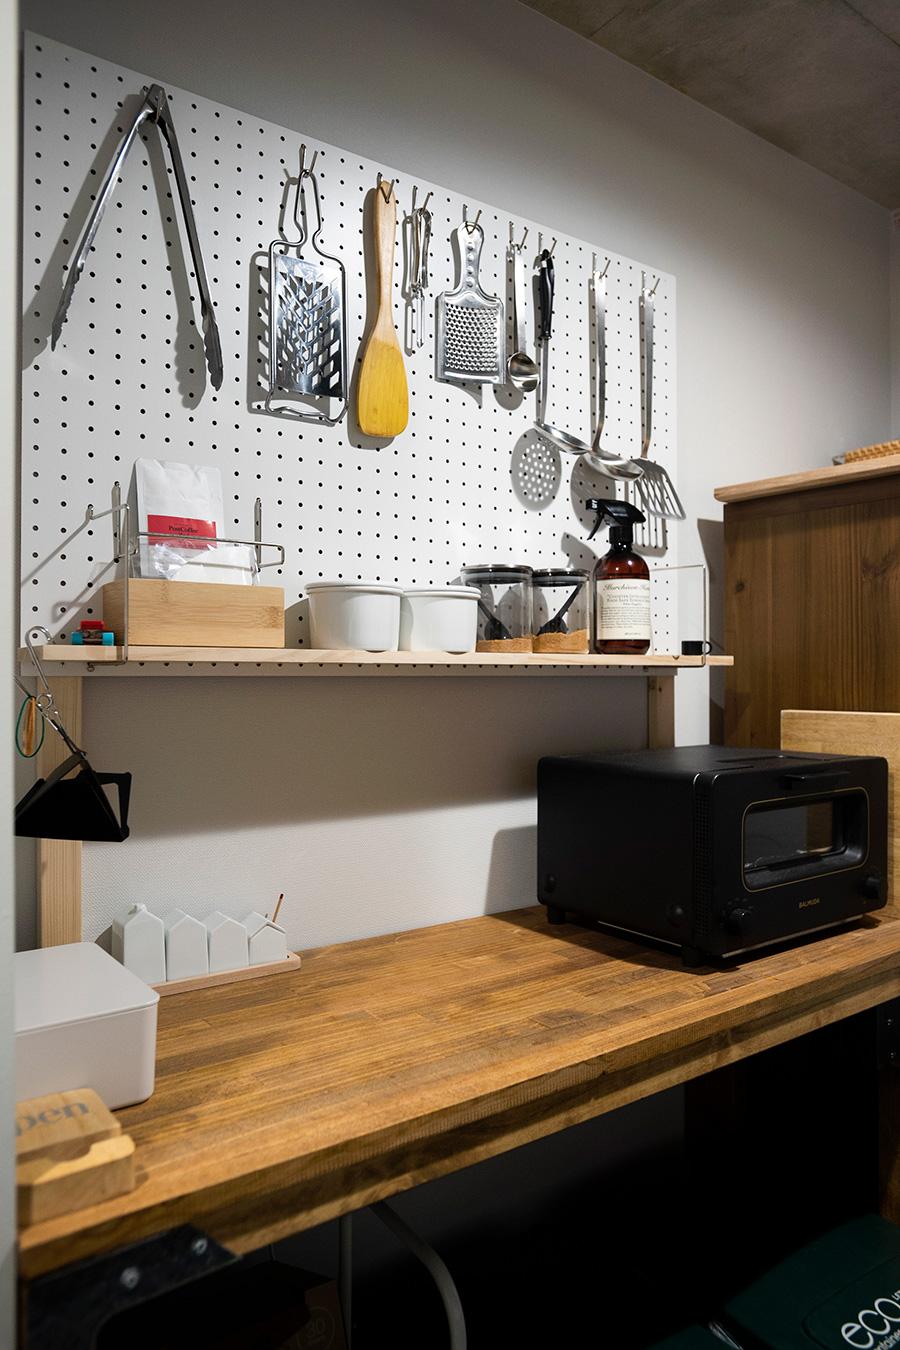 キッチンには作業用の台を設けた。有孔ボードを貼りキッチンツールを収納。